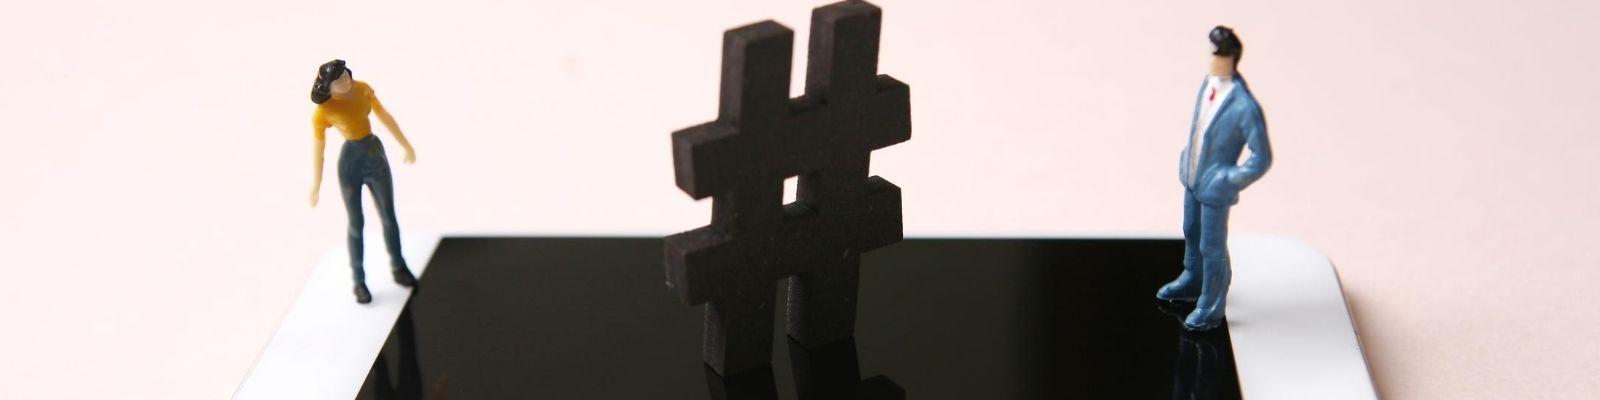 #SocialSEO: Cómo usar hashtags en rrss